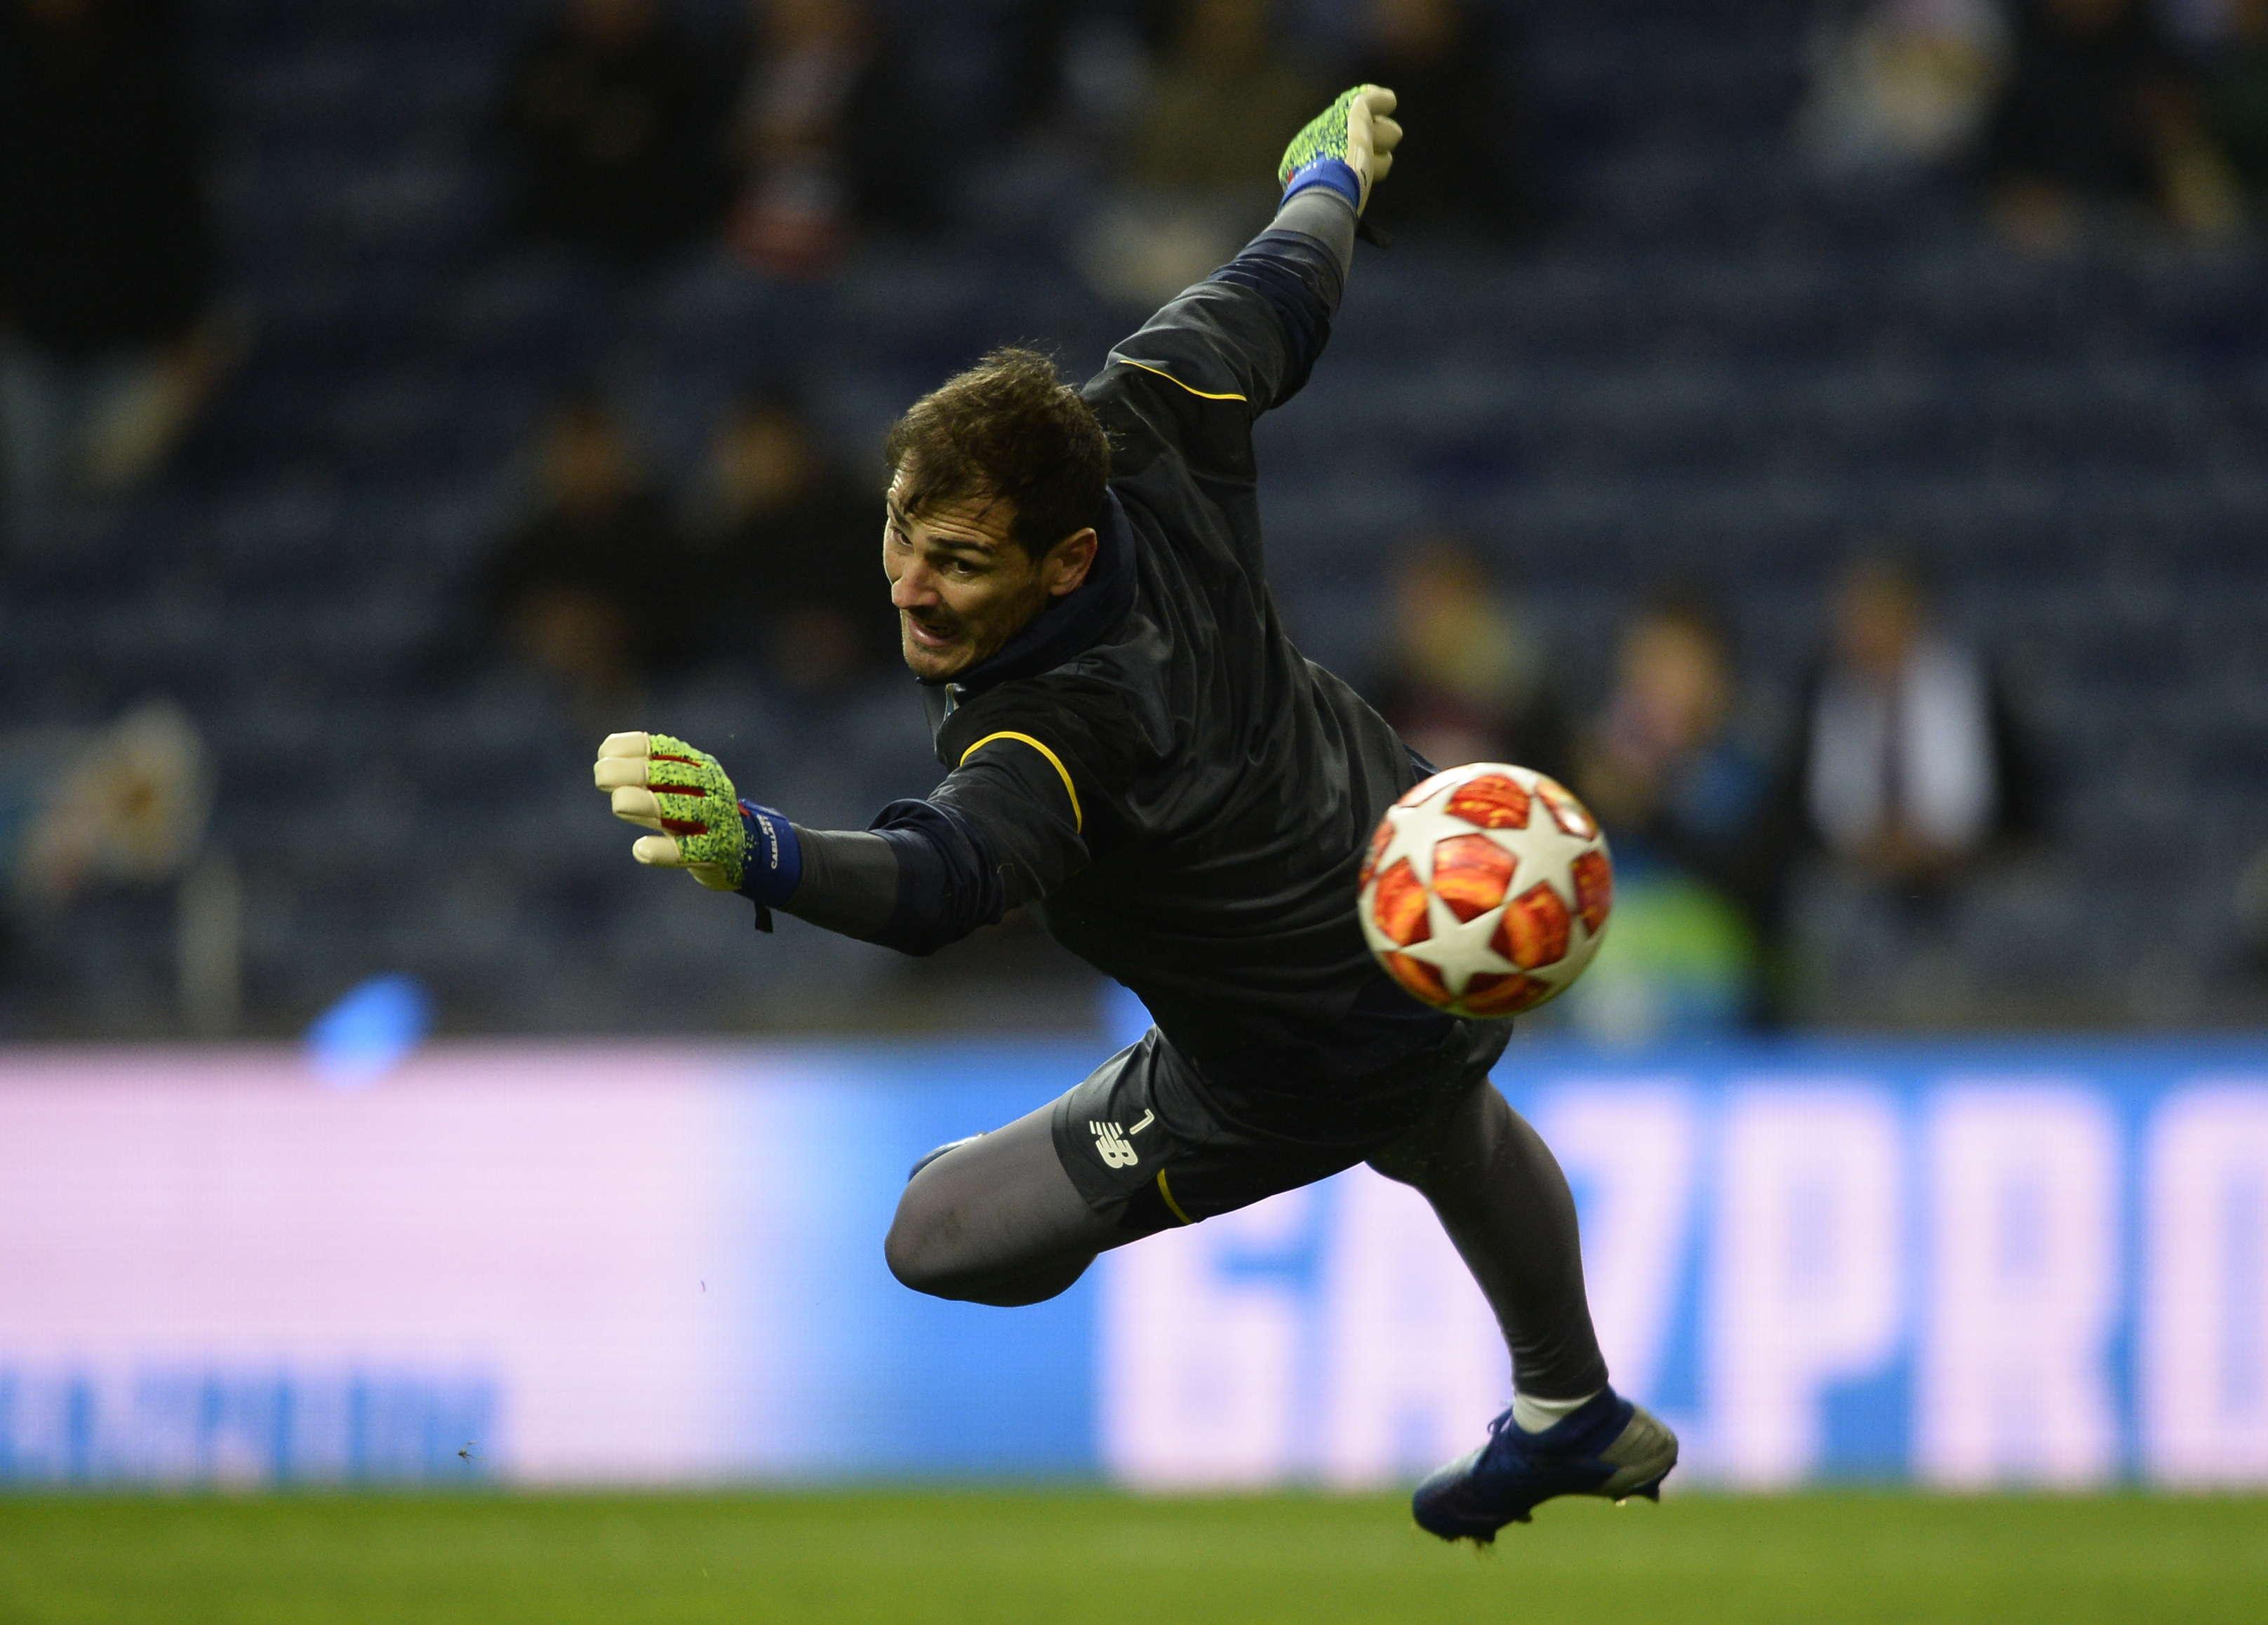 Iker Casillas Akan Menandatangani Kontrak Baru